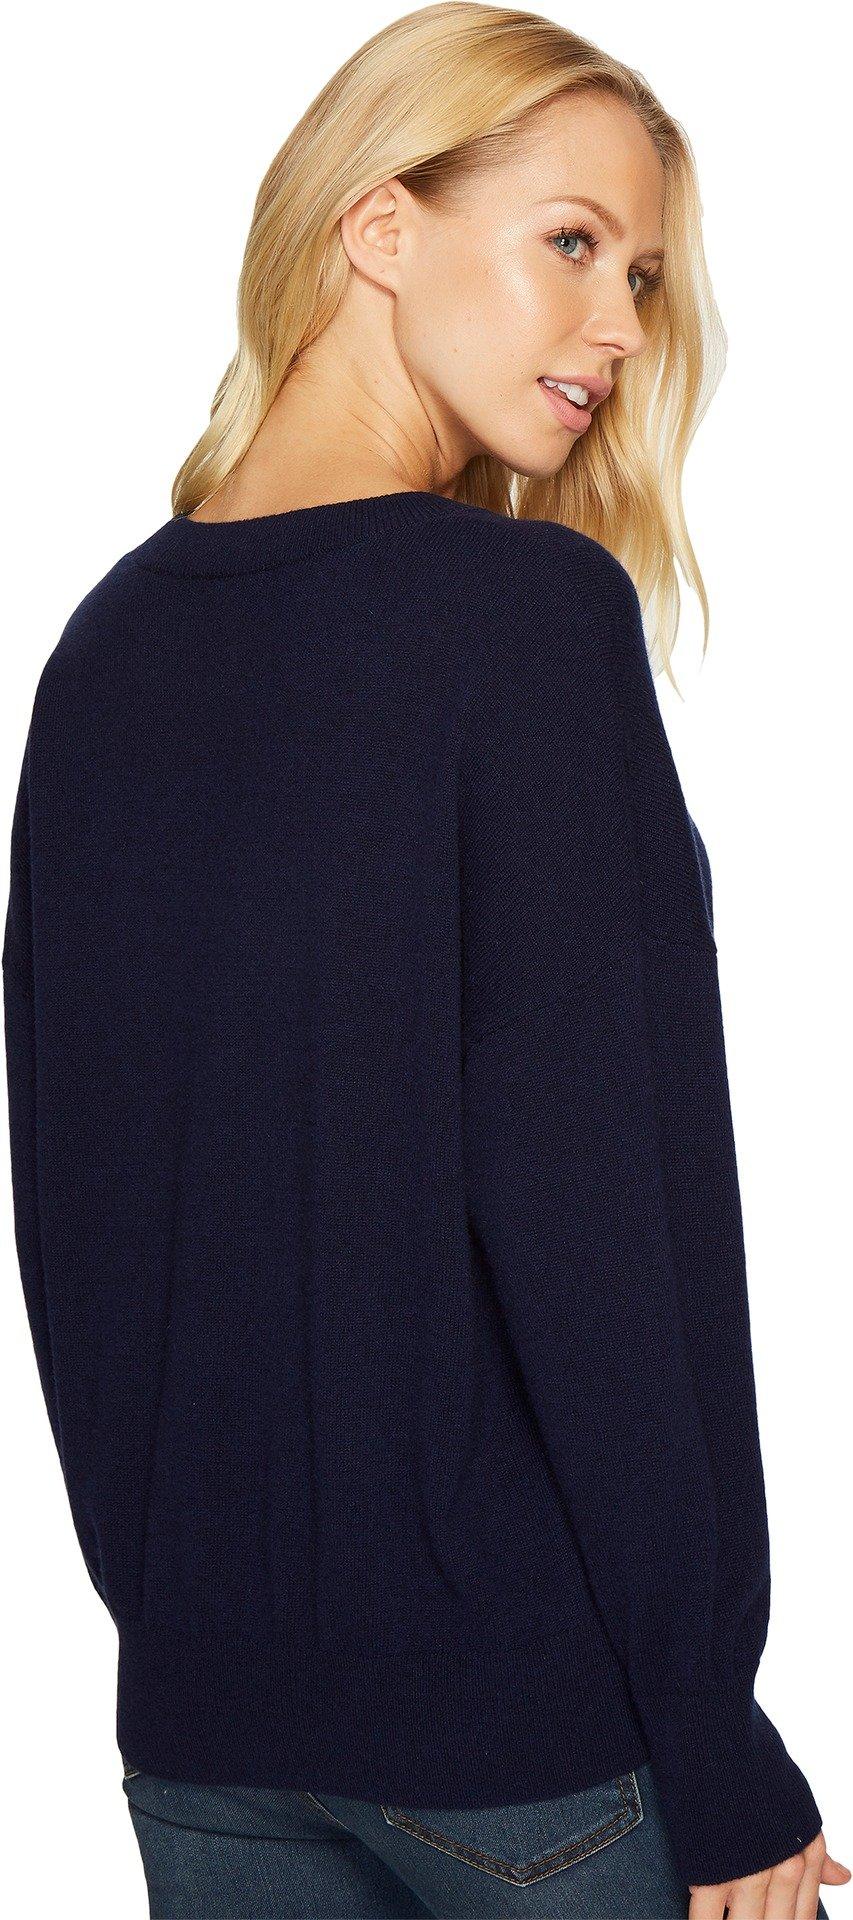 EQUIPMENT Women's Melanie Top Peacoat Shirt by Equipment (Image #3)